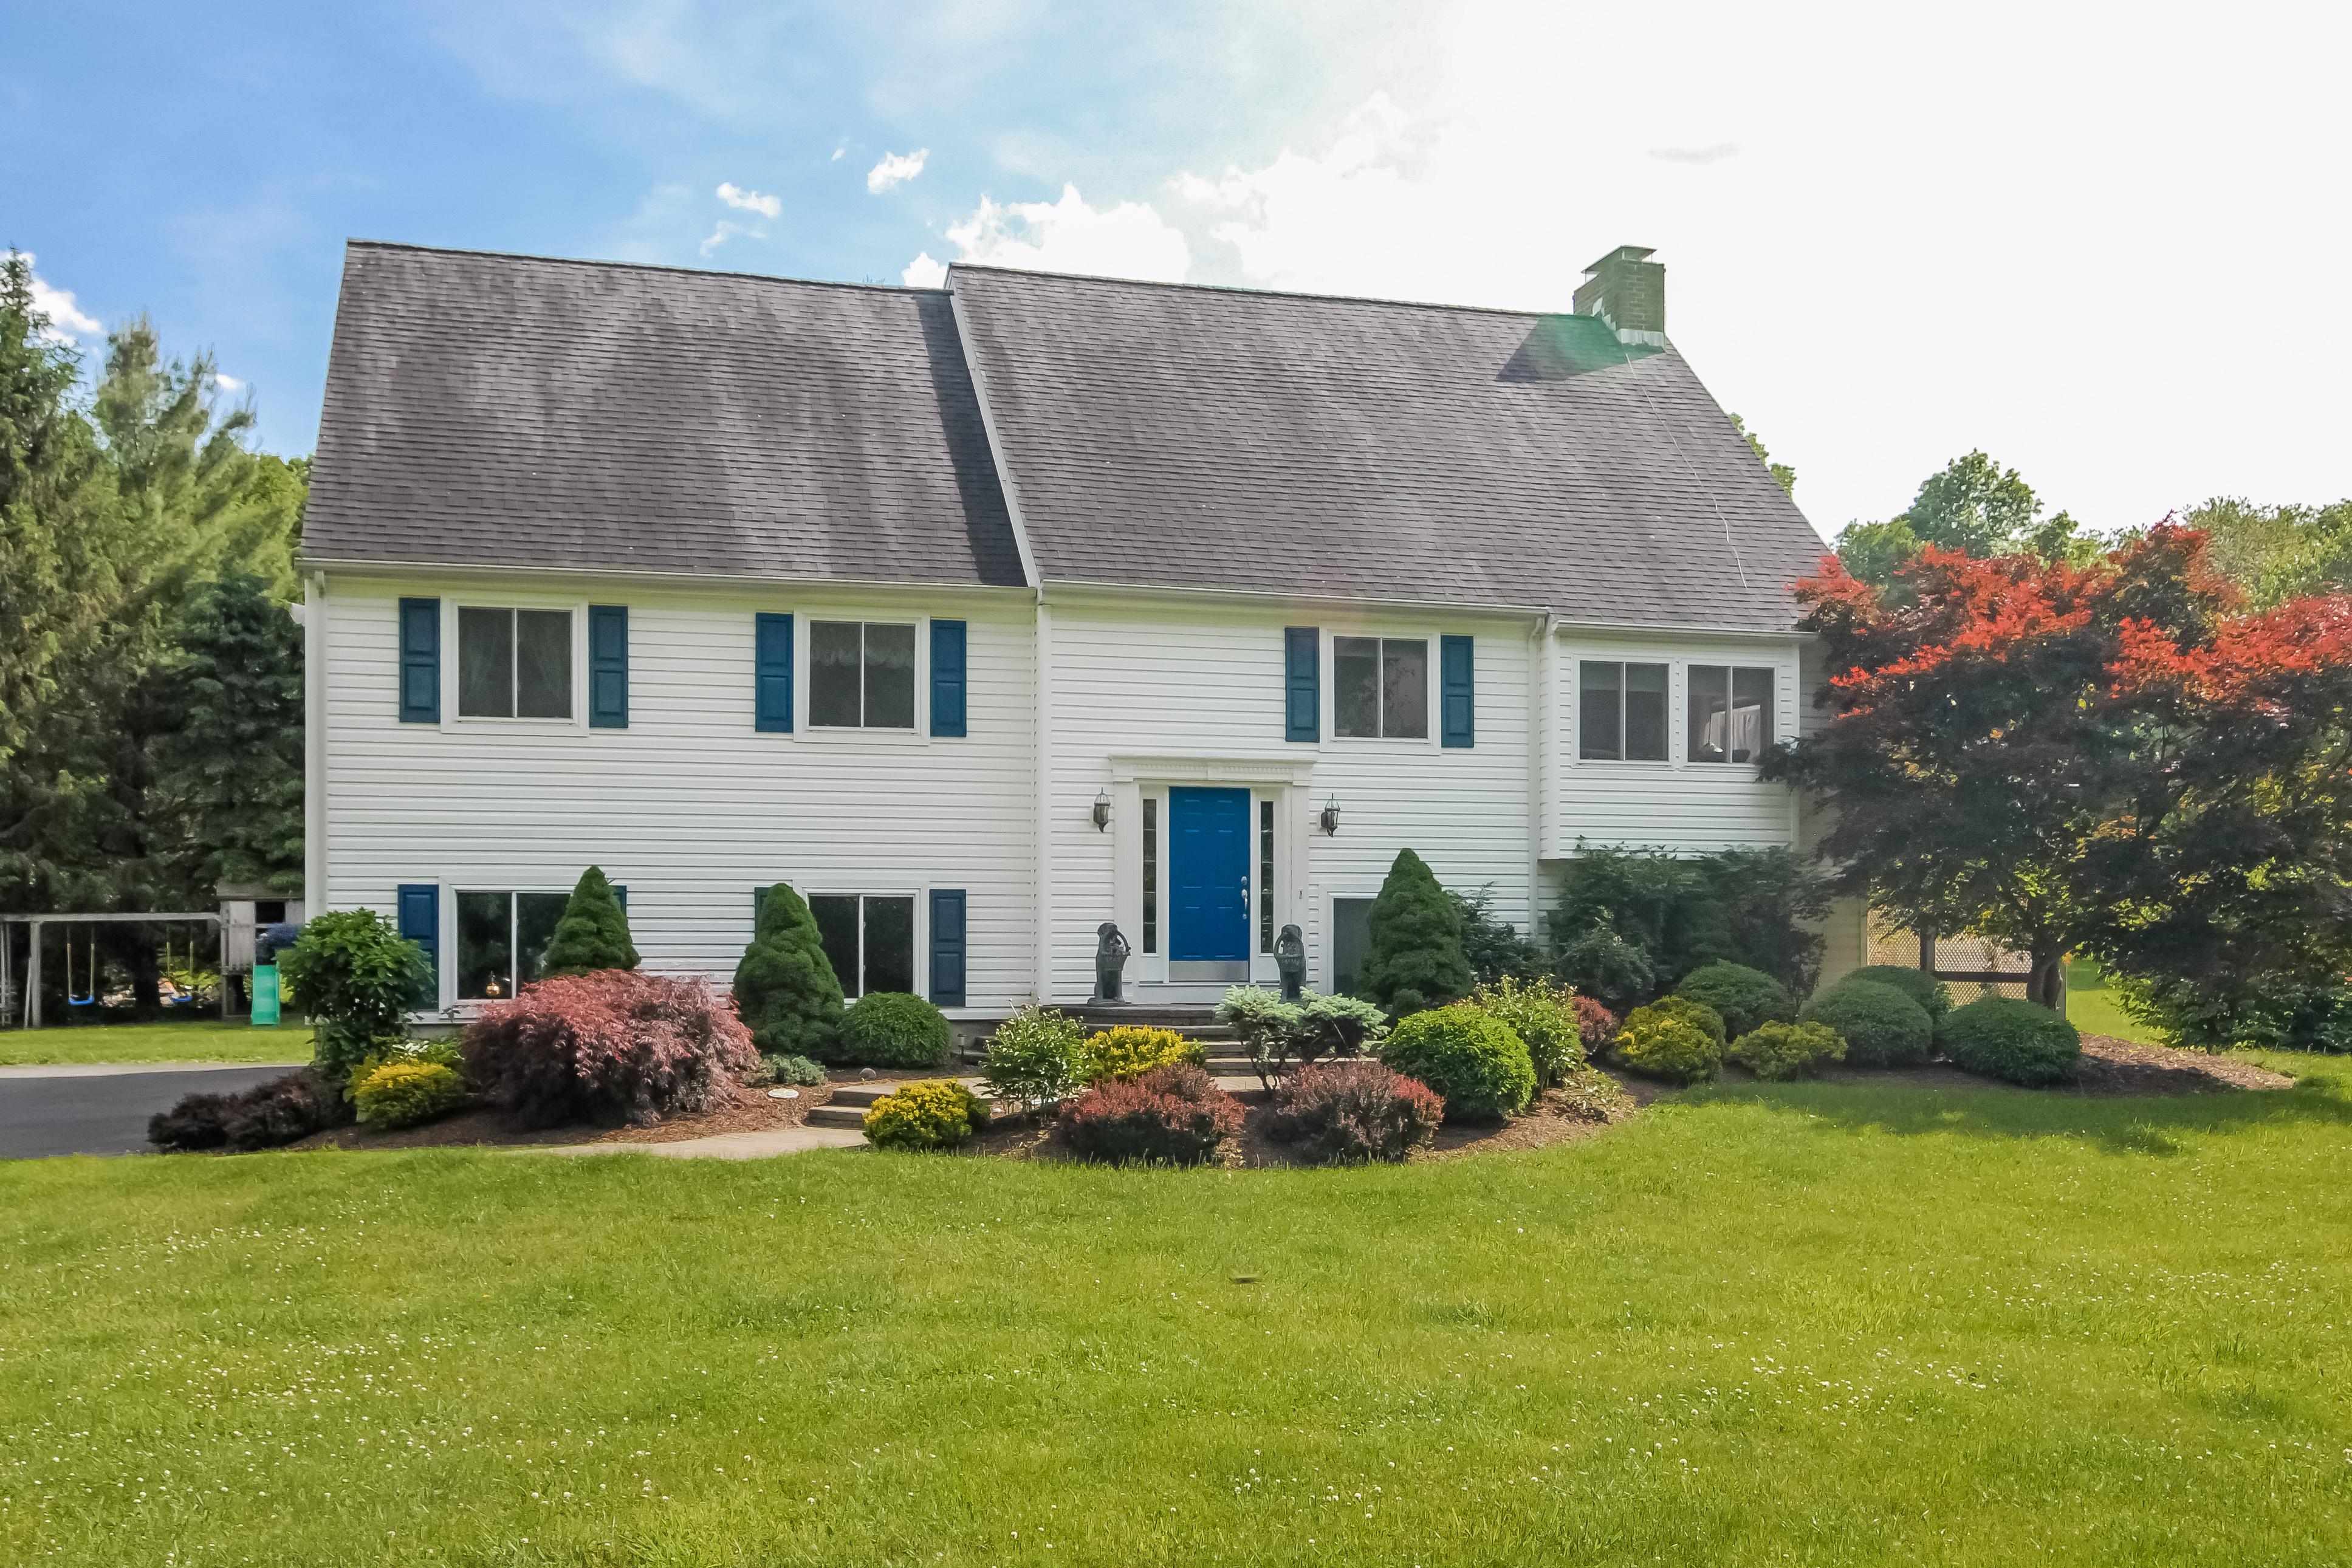 Частный односемейный дом для того Продажа на Fantastic 4 Bedroom Home 254 Keeler Drive Ridgefield, Коннектикут 06877 Соединенные Штаты